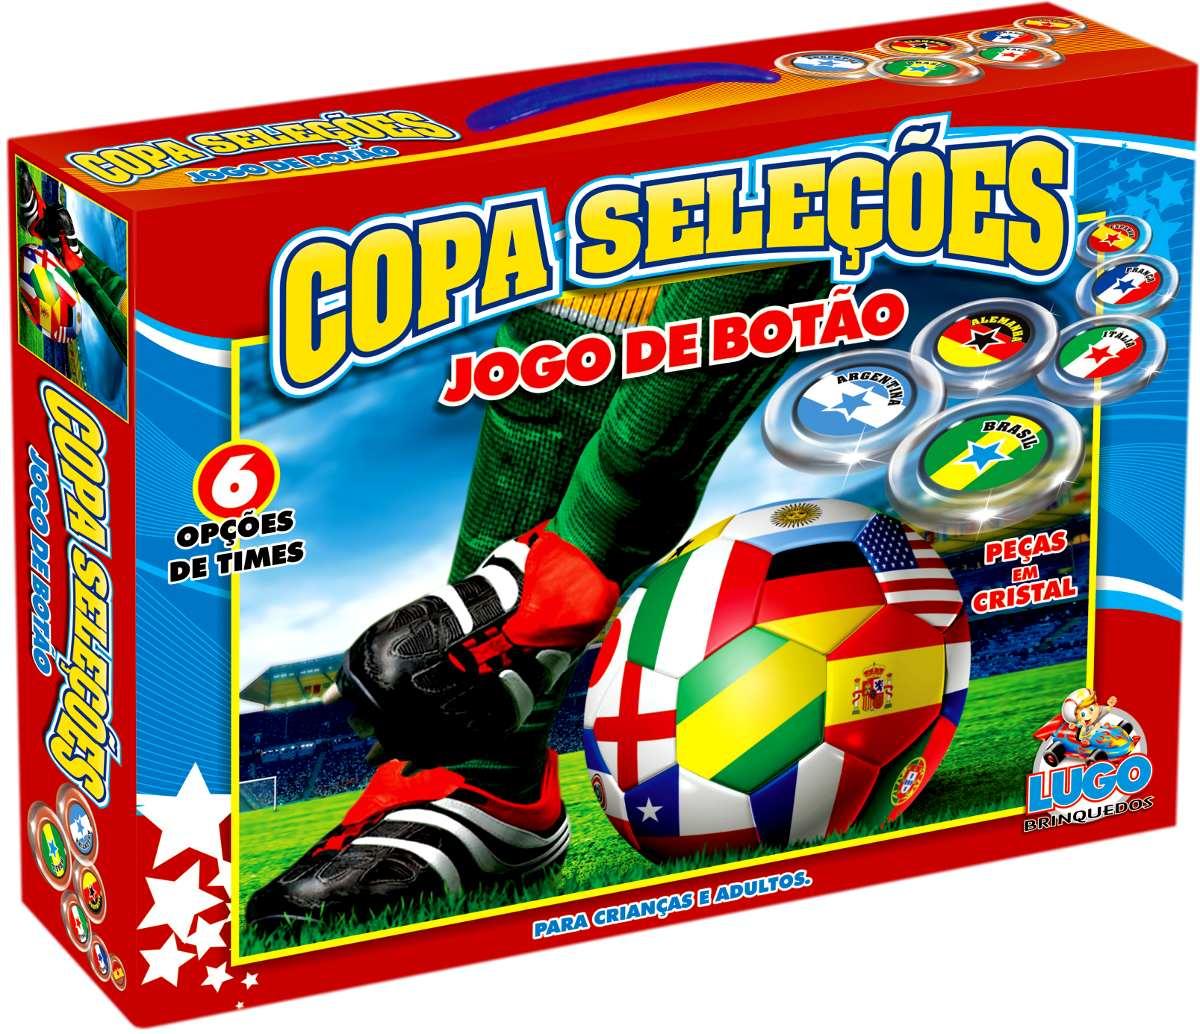 Jogo de Botão Copa Seleções - Lugo Brinquedos